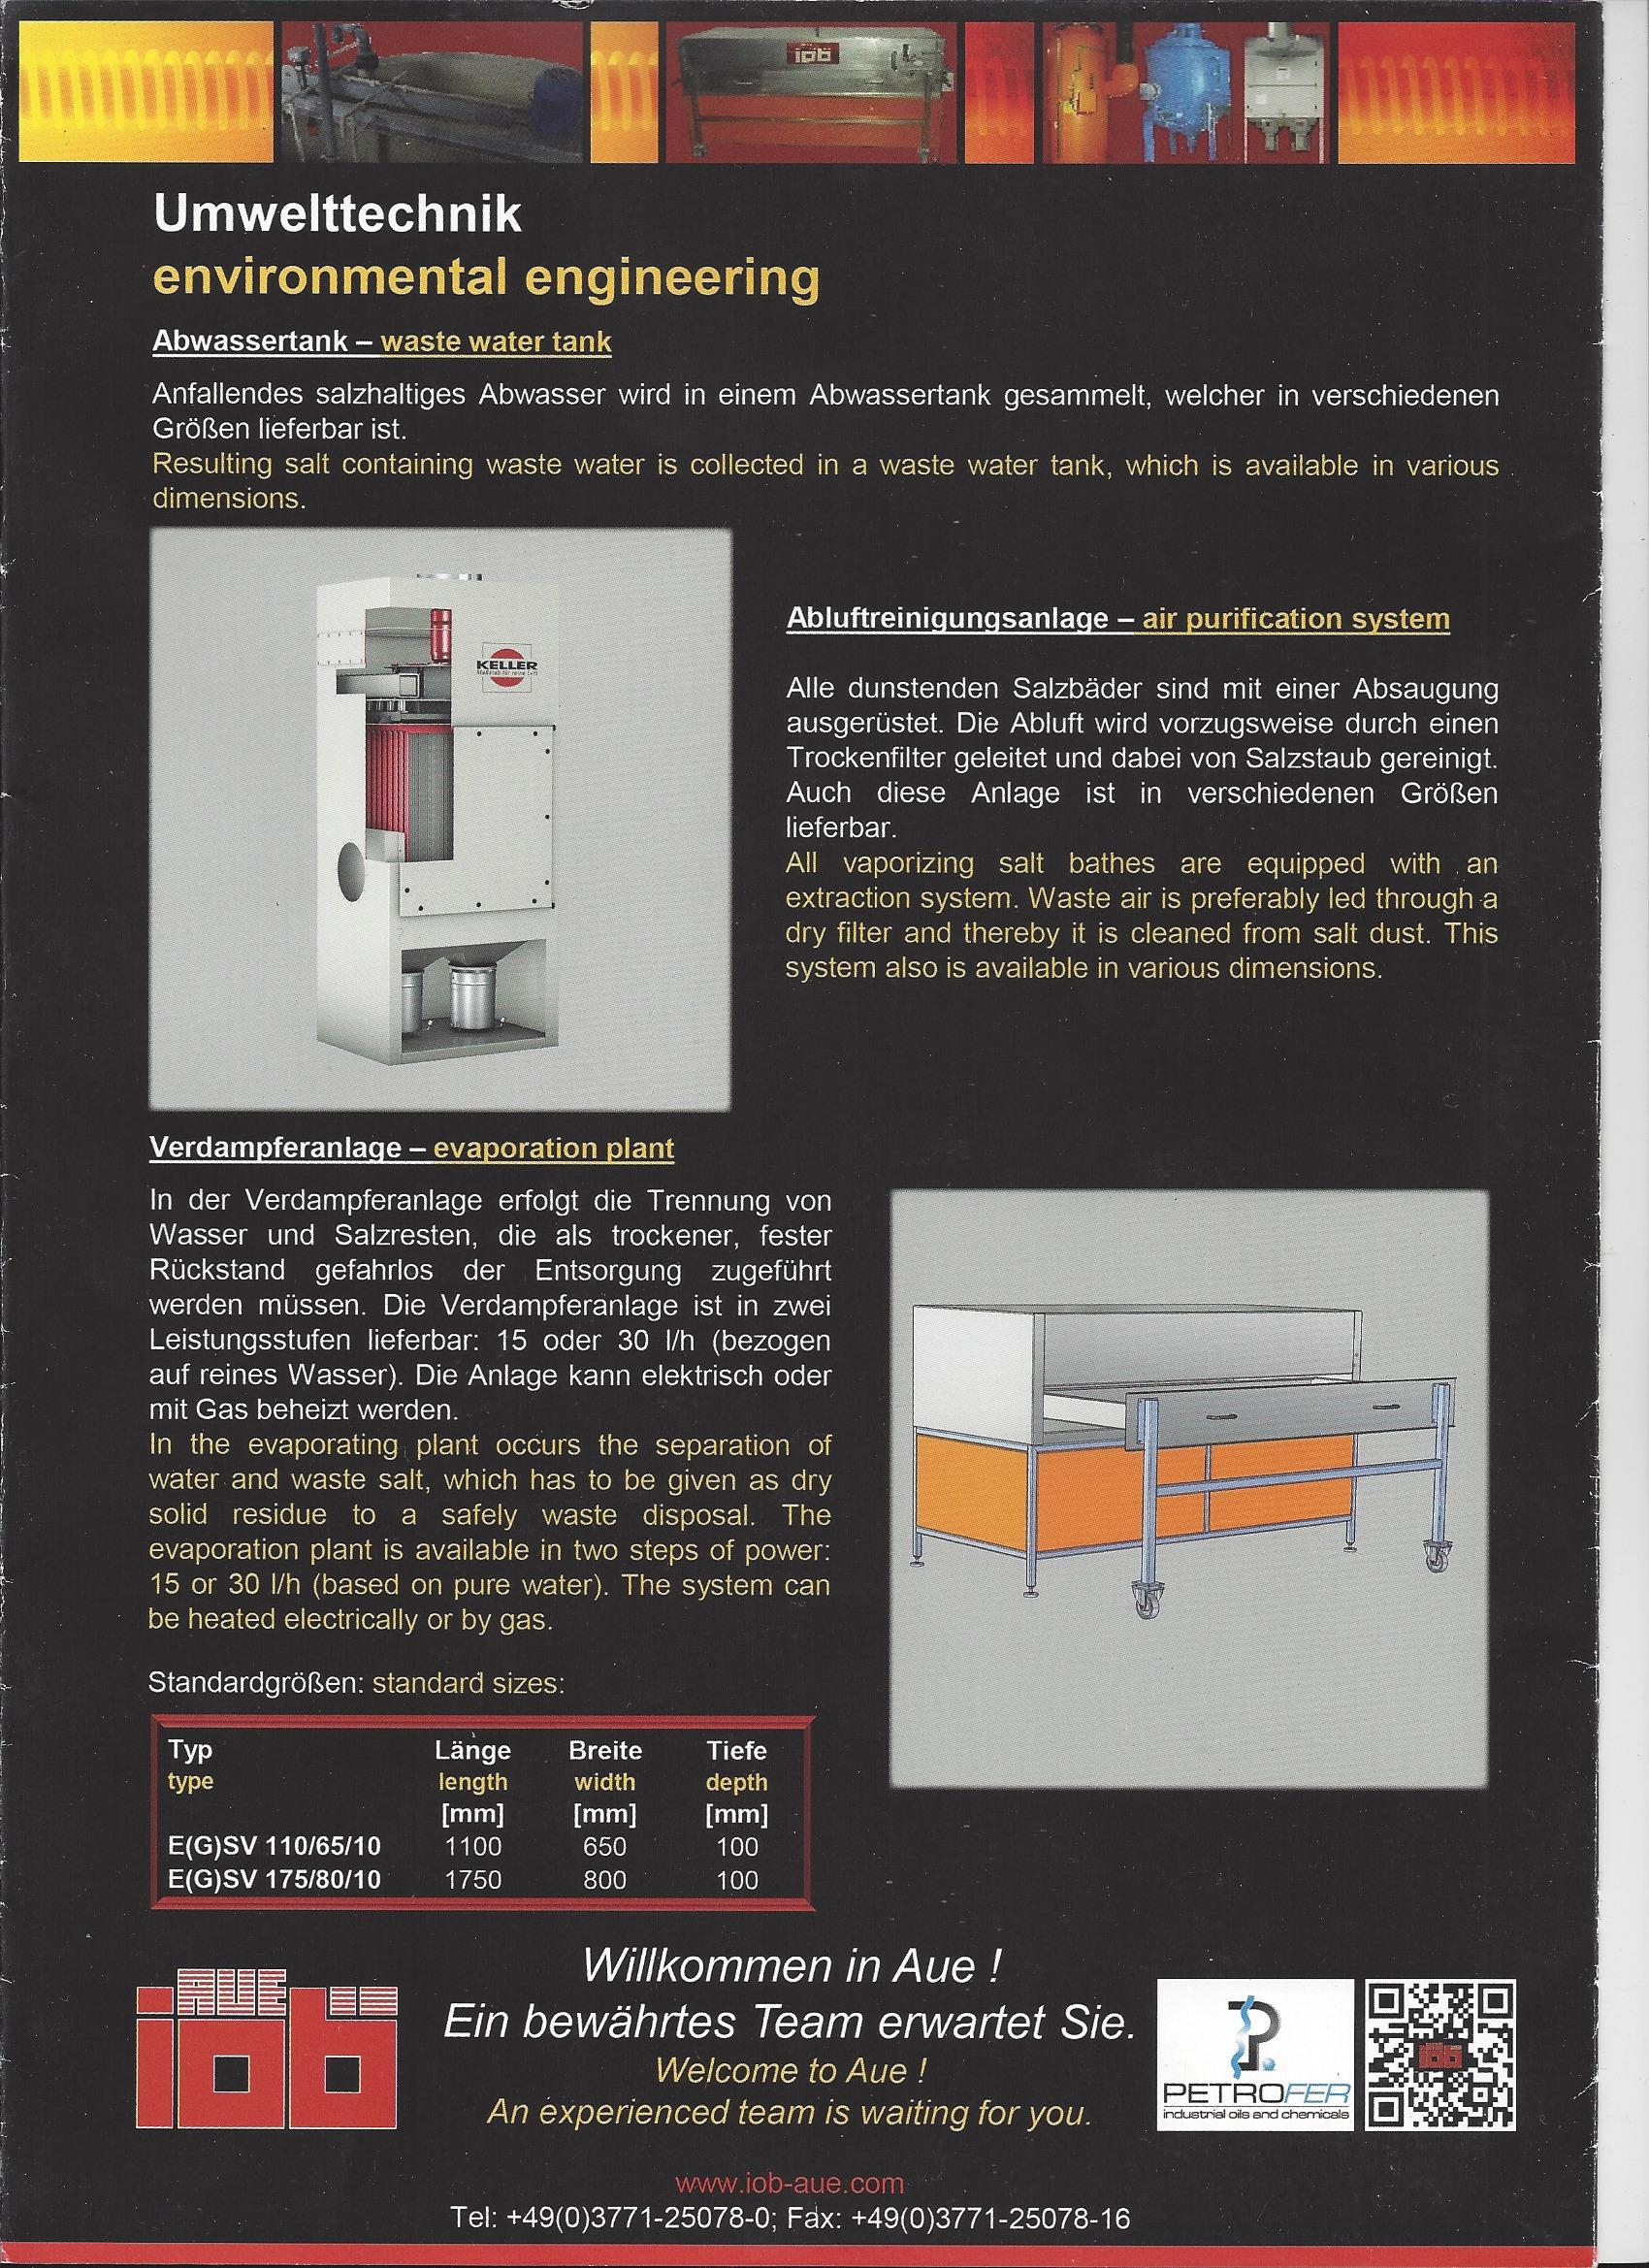 PhotoScan 7